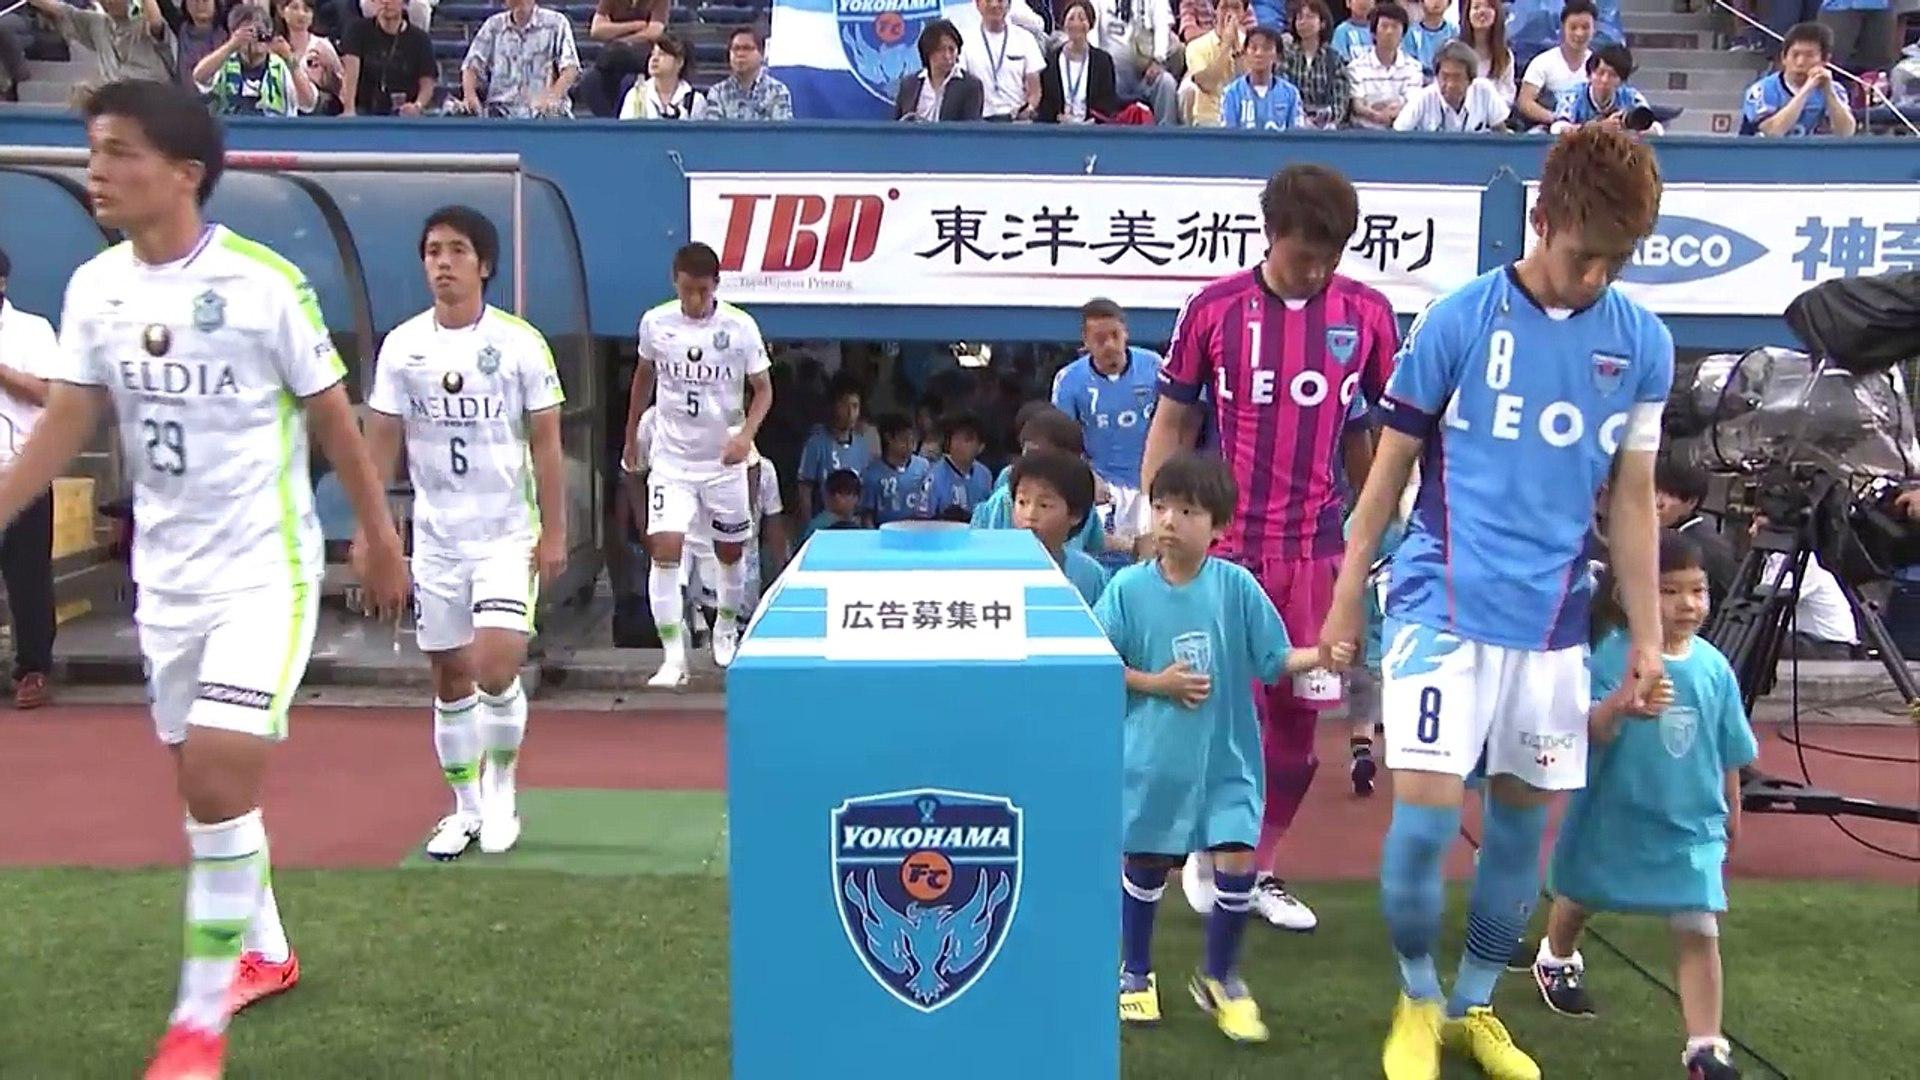 【公式】ハイライト:横浜FCvs湘南ベルマーレ 明治安田生命J2リーグ 第20節 2017/6/25